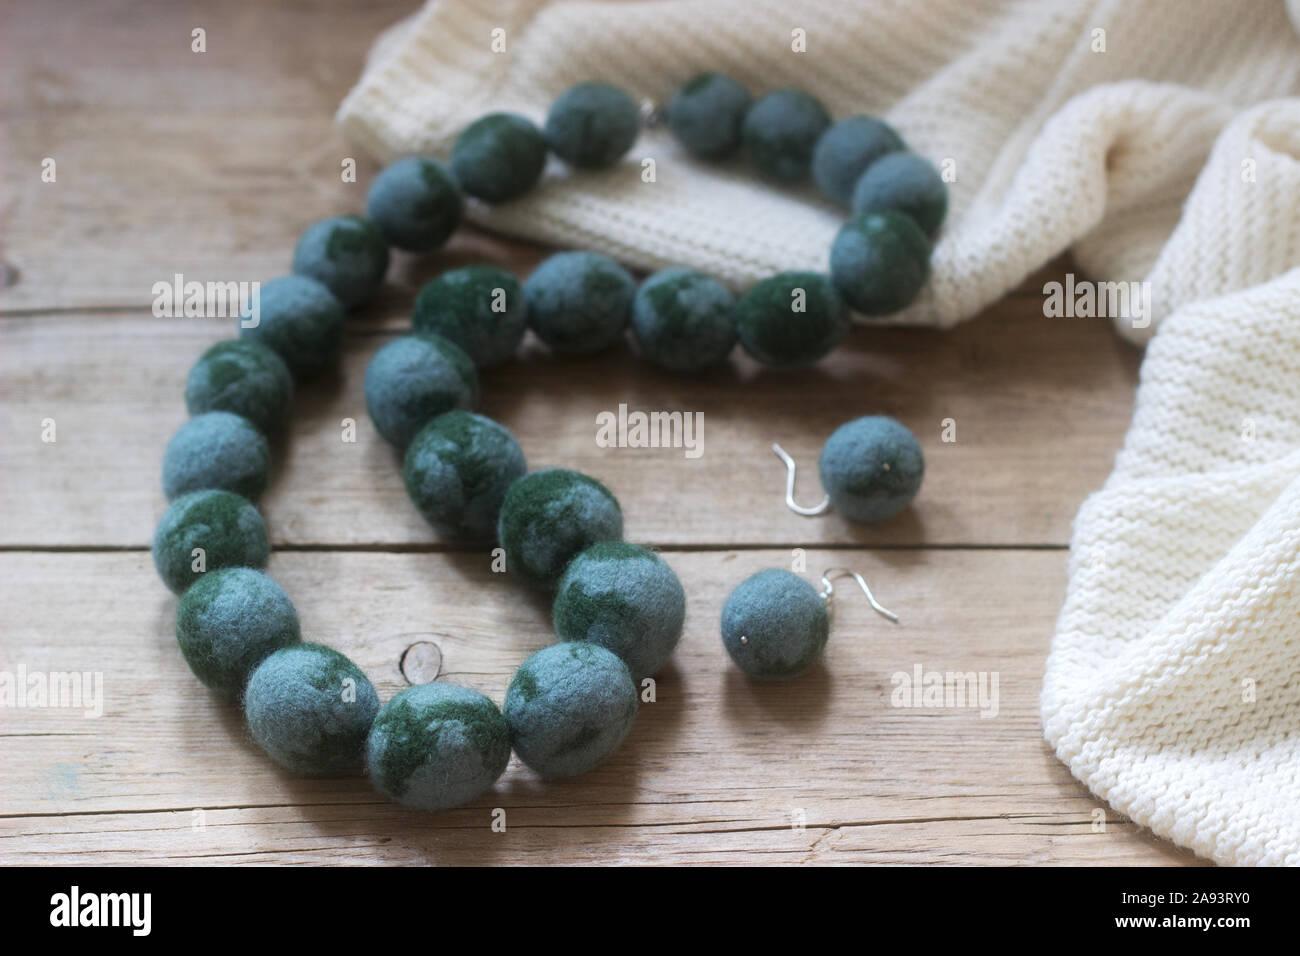 Filzen Wolle Stockfotos und bilder Kaufen Alamy